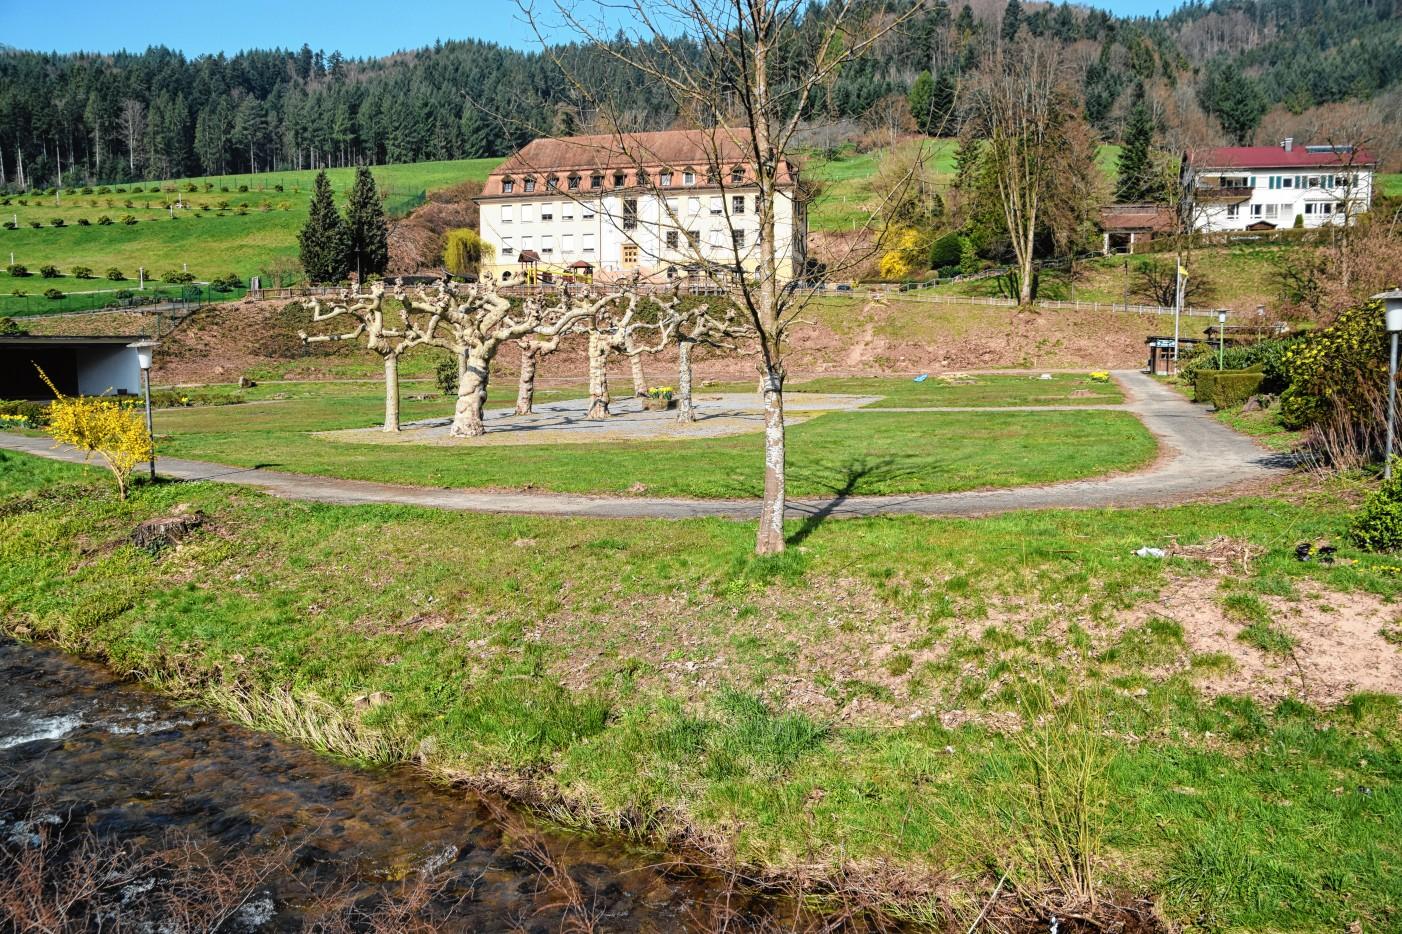 Offenburg 477 000 Euro Aus Dem Tourismus Infrastrukturprogramm